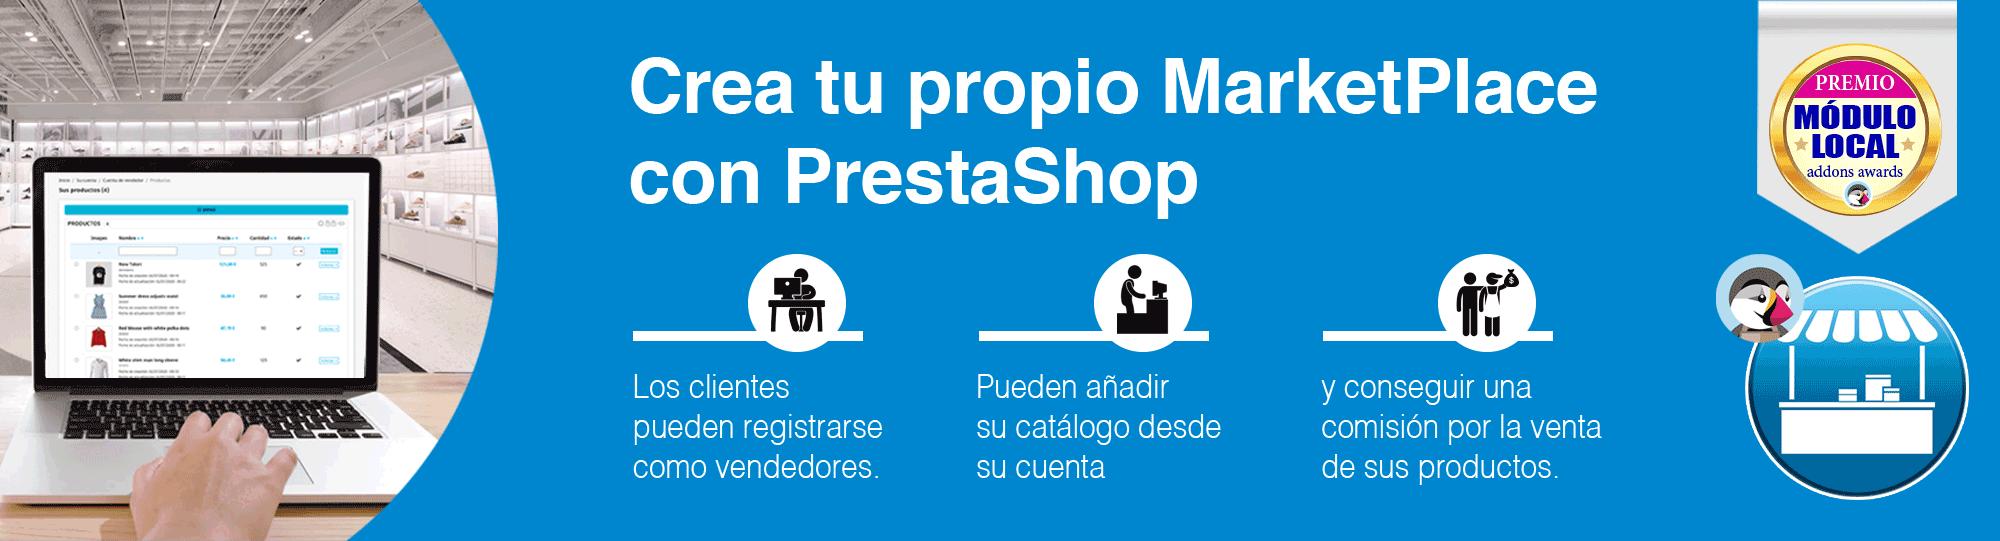 JA Marketplace - Crea tu propio MarketPlace con PrestaShop